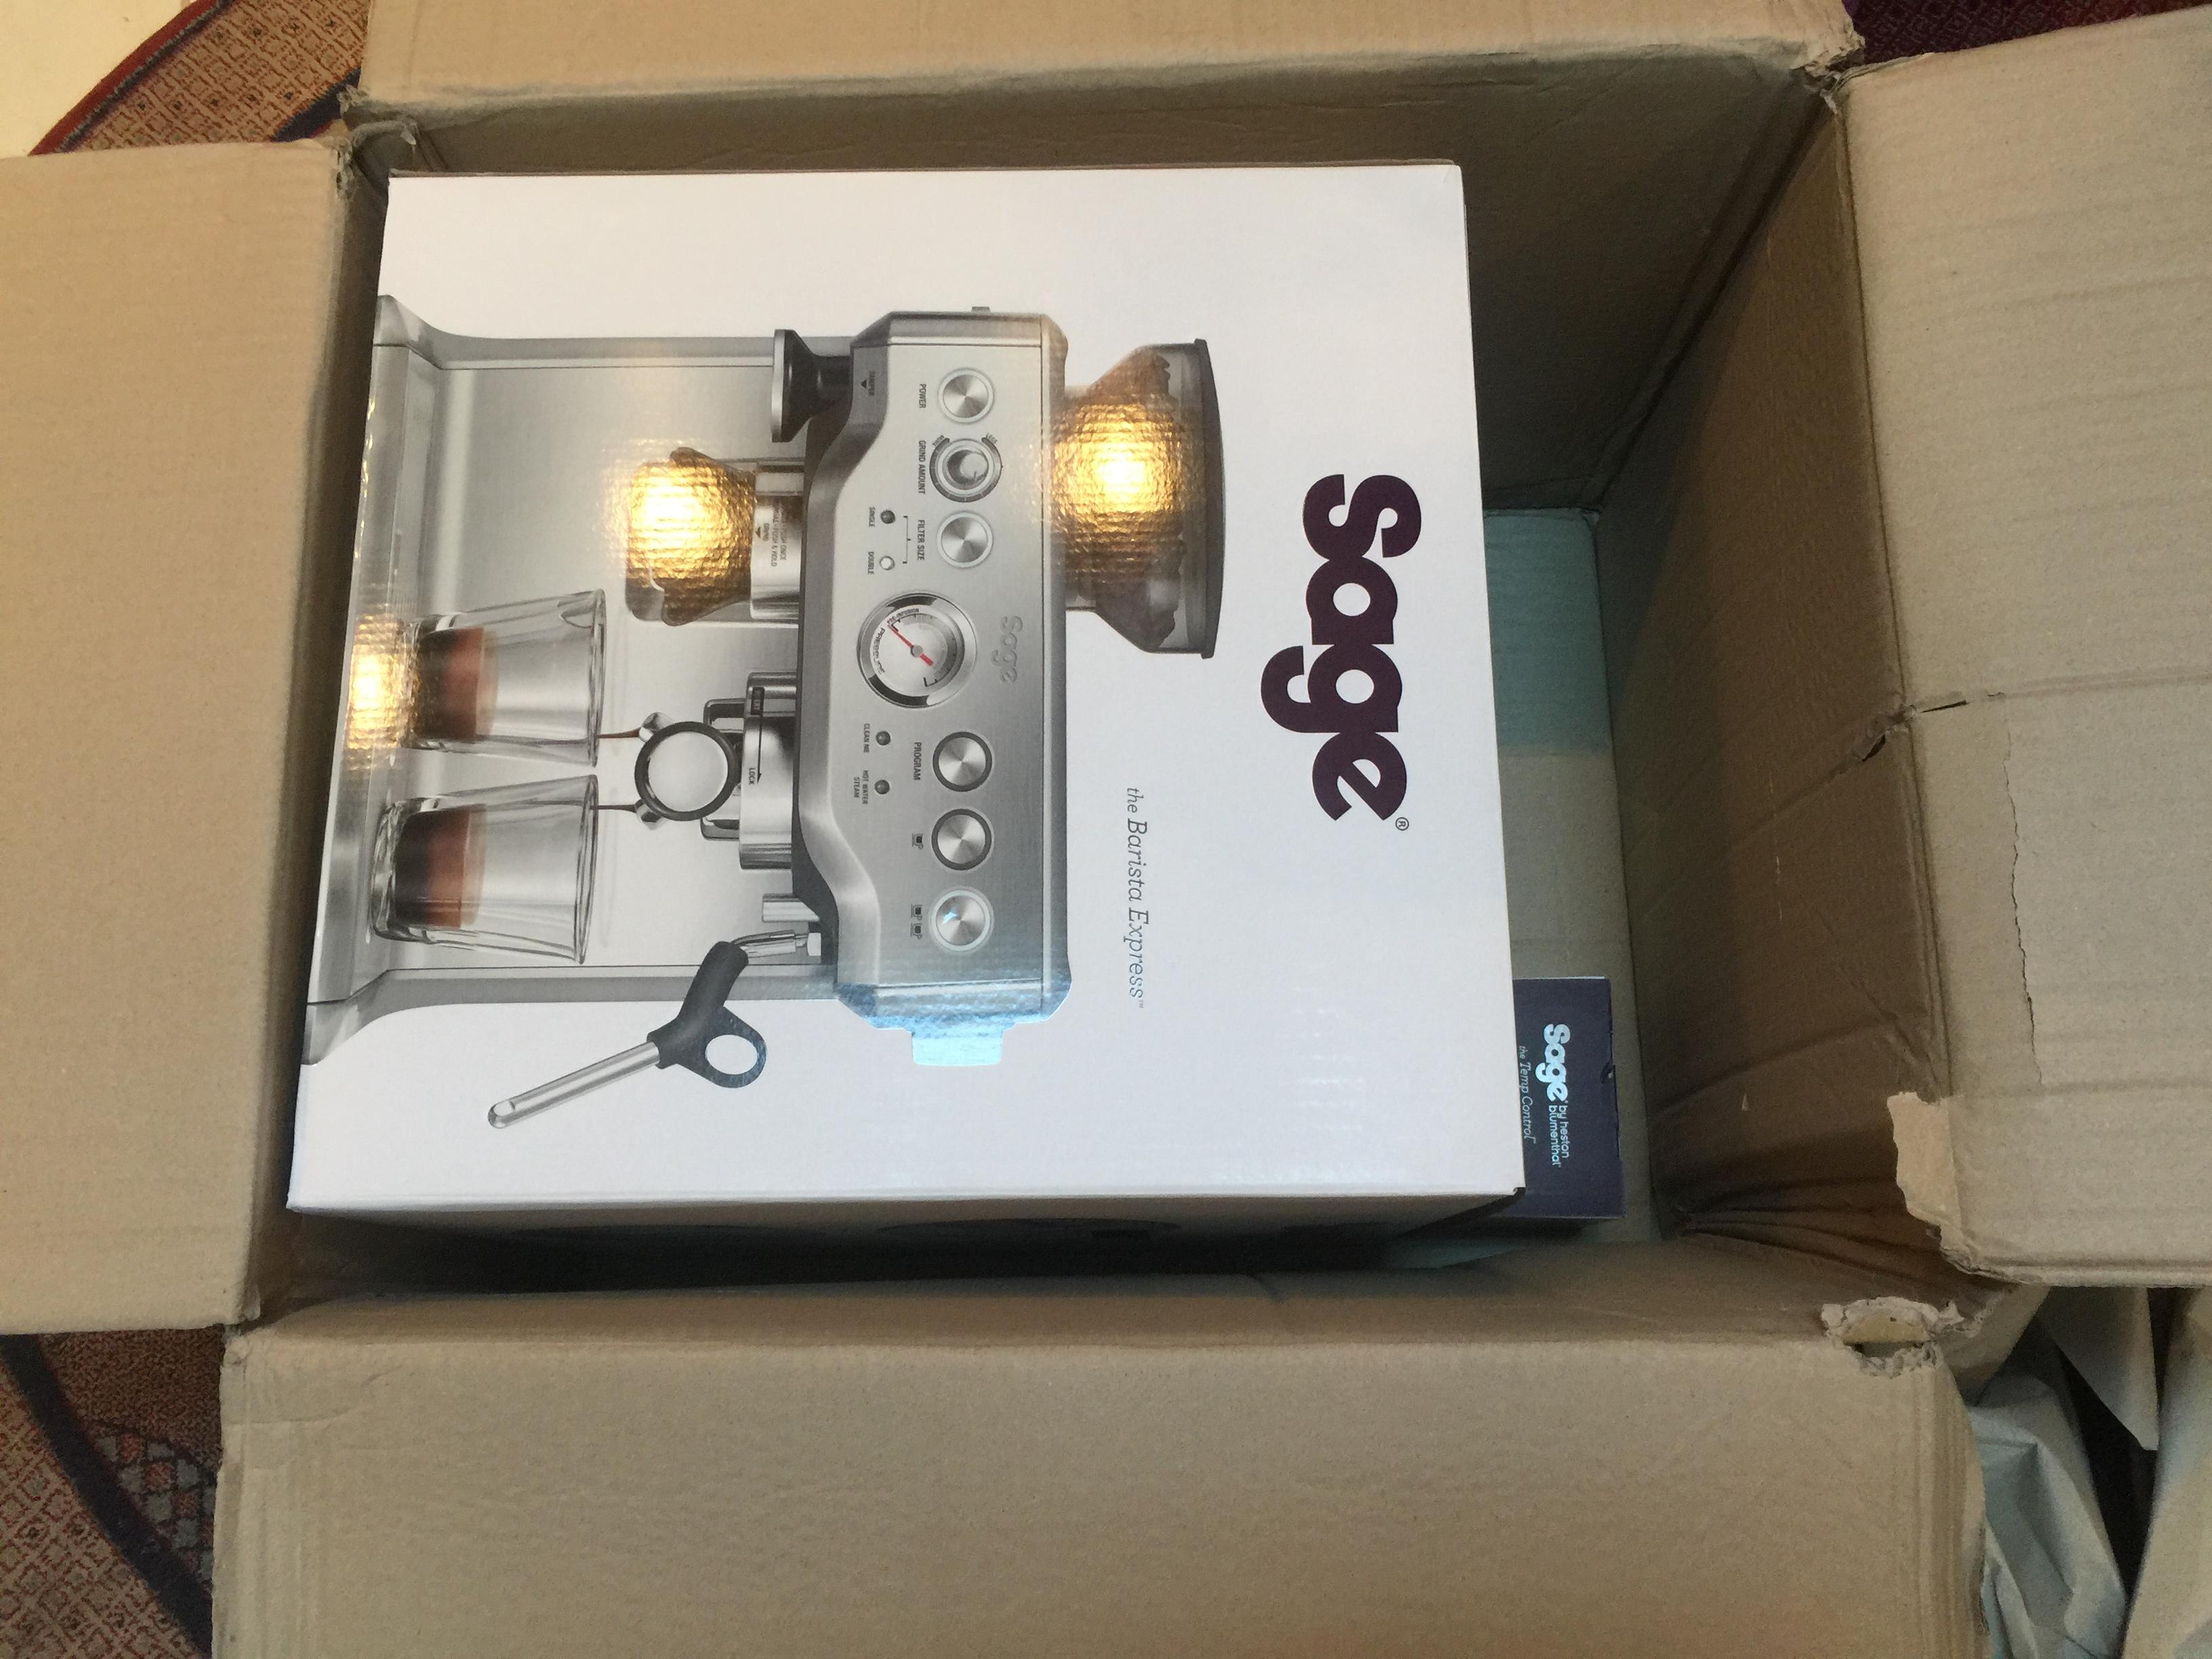 تجربة شراء مكينة قهوة Sage SES875BTR2GUK1 Barista Express Black Truffle3